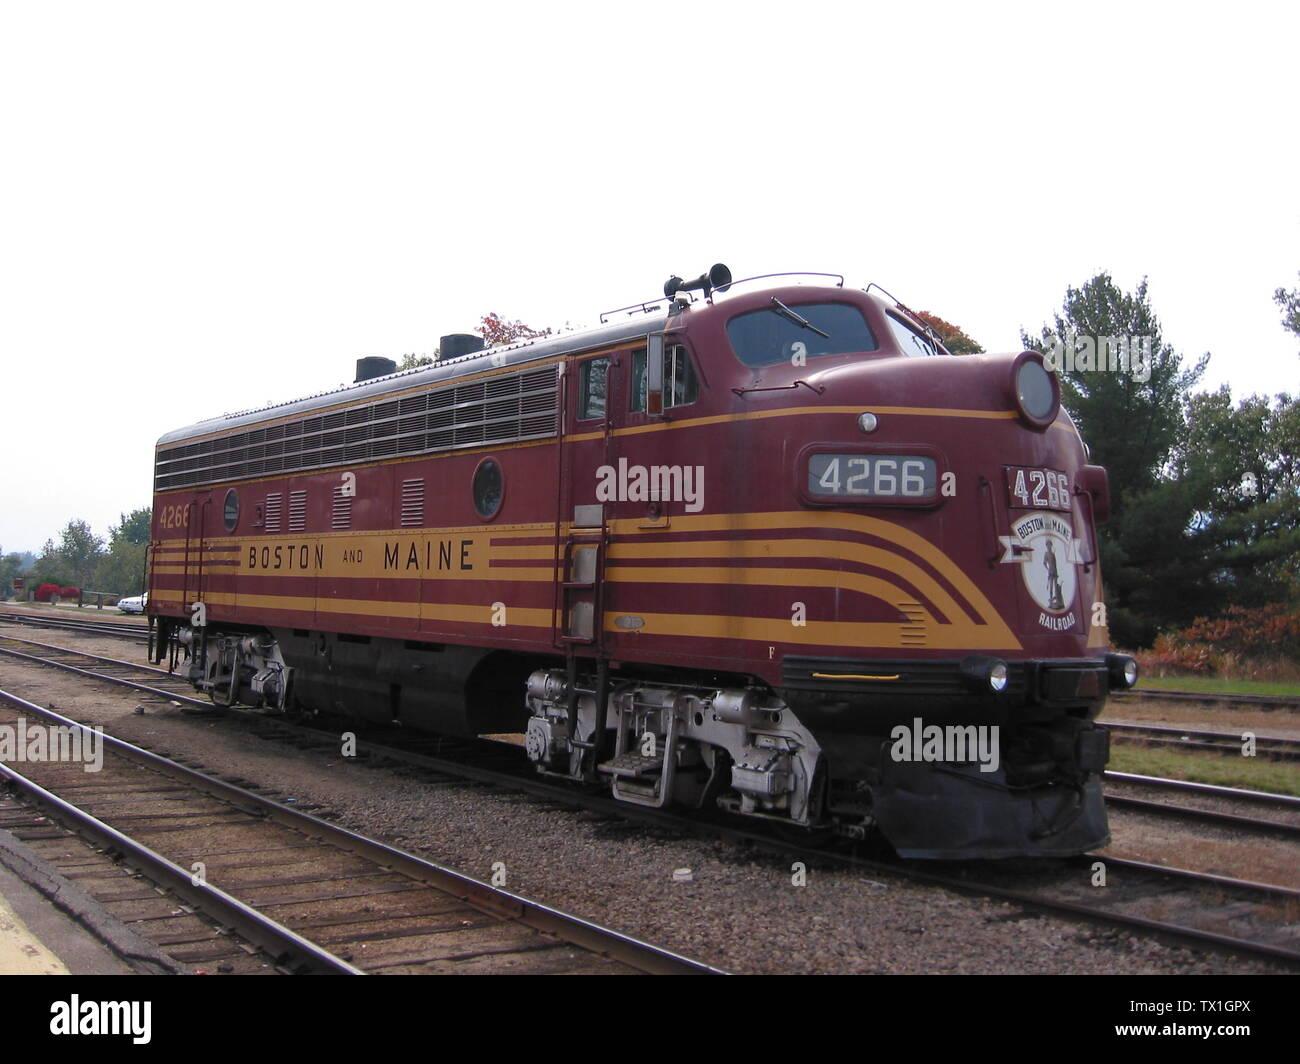 """""""Inglés: Conway Scenic Railroad, New Hampshire, Estados Unidos.#4266 EMD (F7A) construido en 1950 un ex-Boston y Maine arrendada a la unidad 470 Railroad Club de Portland, Maine. Esta locomotora sirve como alimentación de respaldo tanto para el valle de tren y el tren de muesca.; adoptadas el 20 de julio de 2009; el propio trabajo; ShajiA en Wikipedia Malayalam; ' Imagen De Stock"""